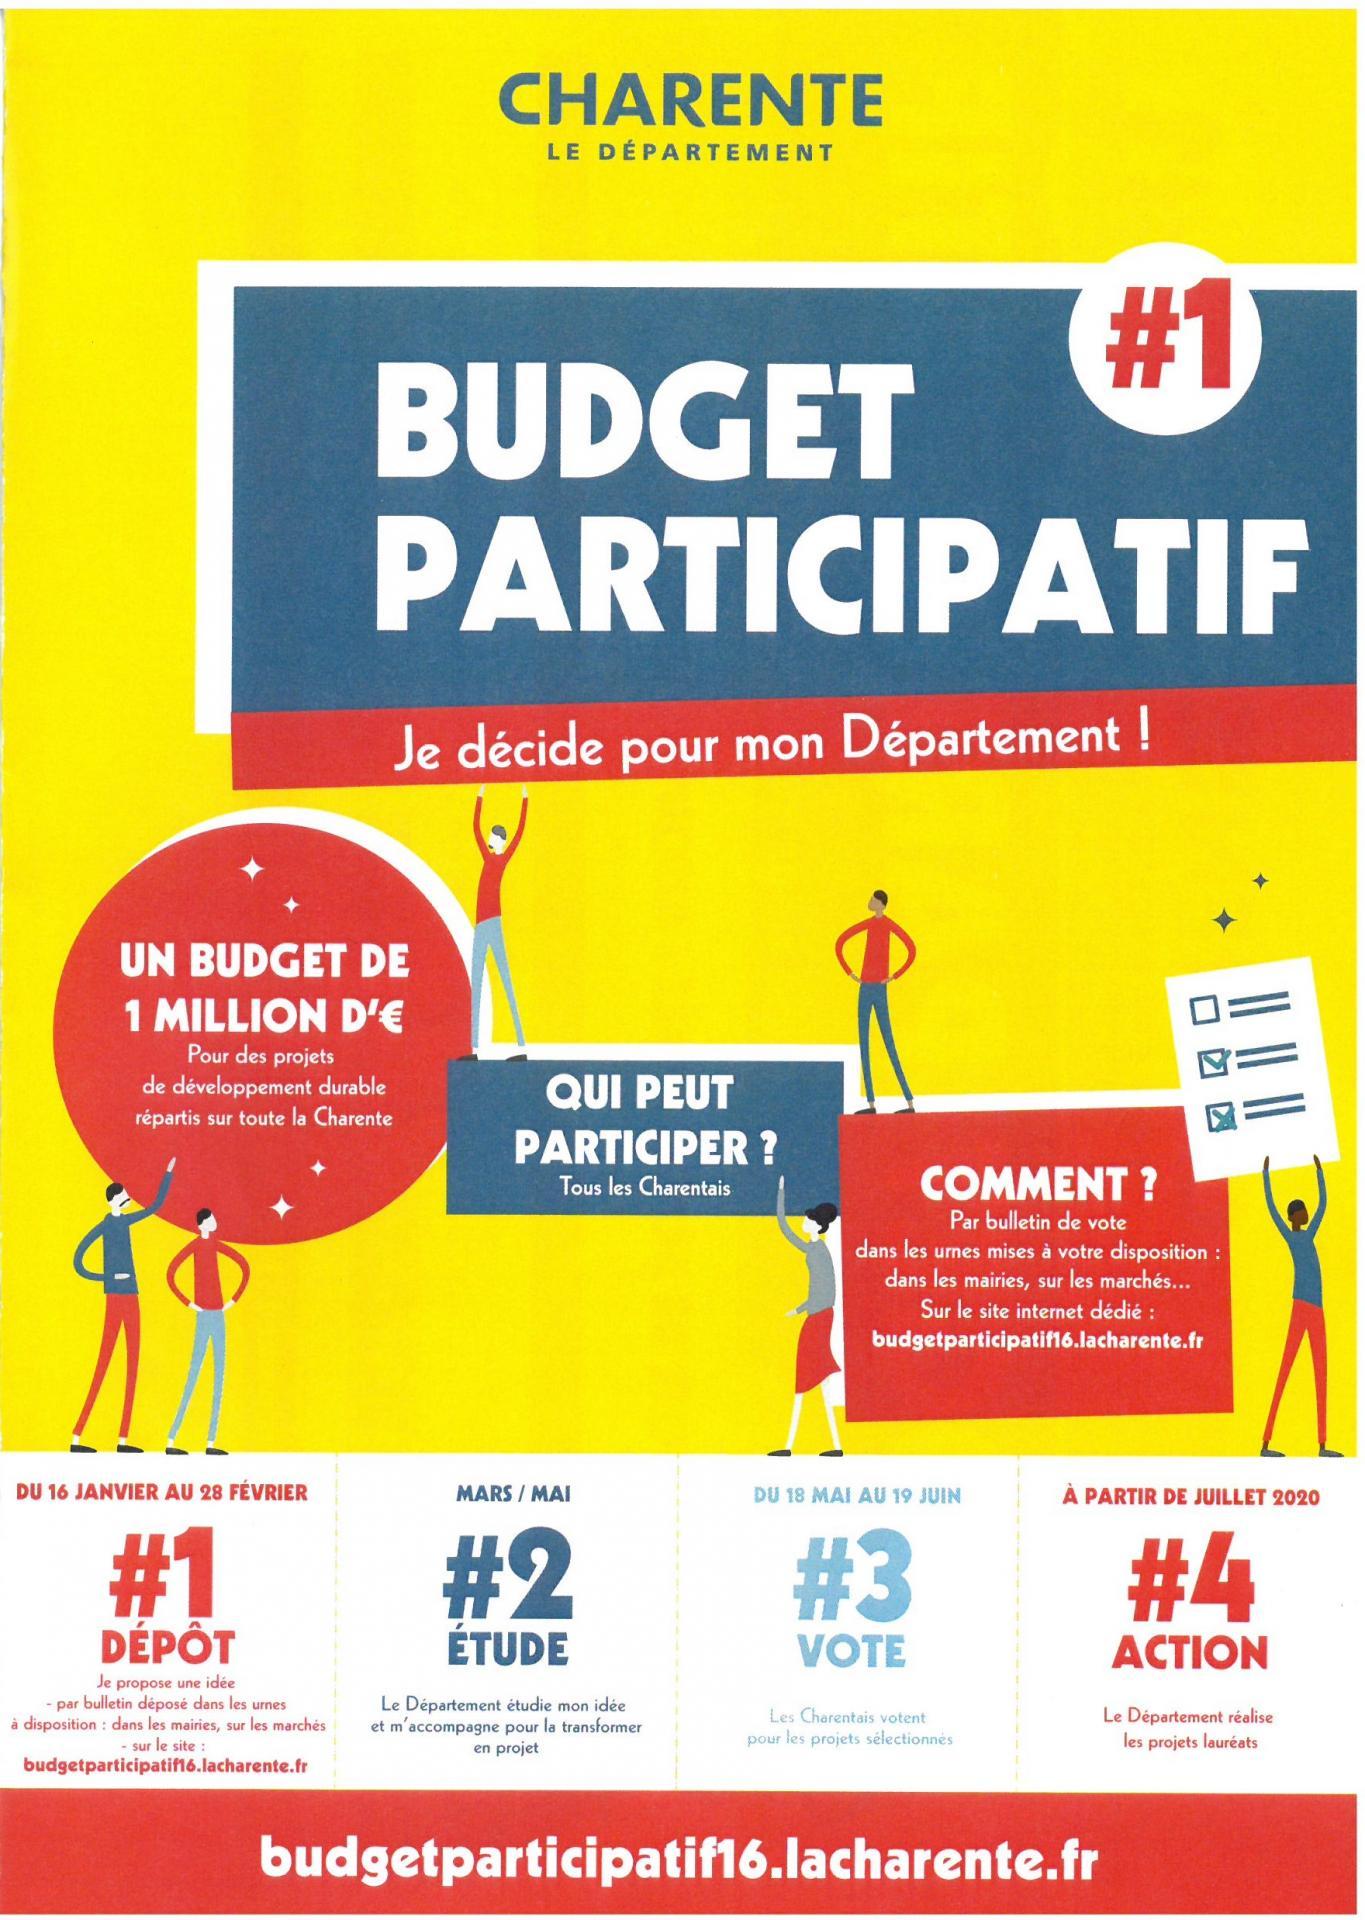 Budget participatif la charente16